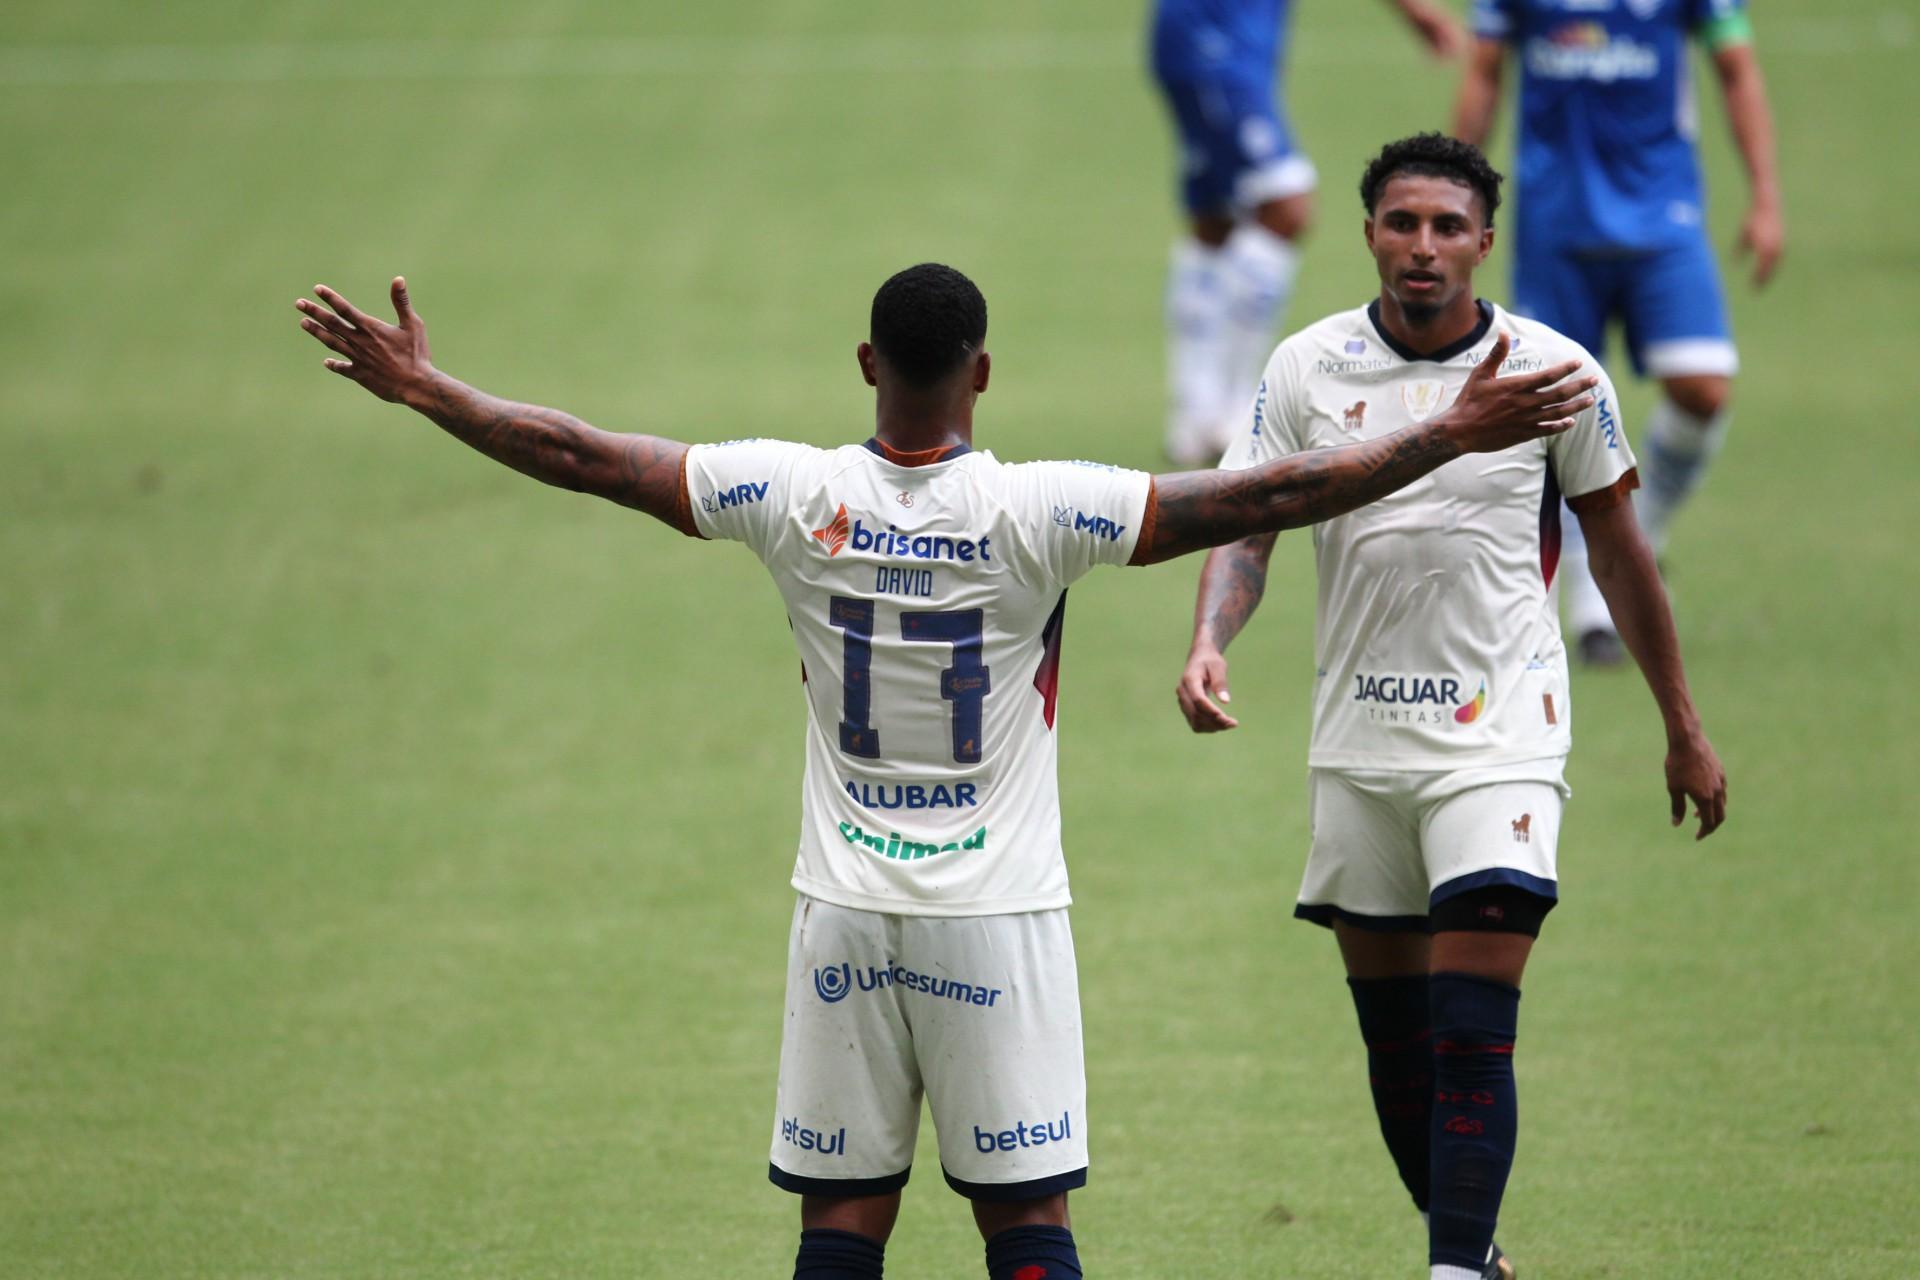 FORTALEZA,CE, BRASIL, 17.04.2021: Jogo pela copa do Nordeste Fortaleza vs CSA. Arena Castelão.  (Fotos: Fabio Lima/O POVO).